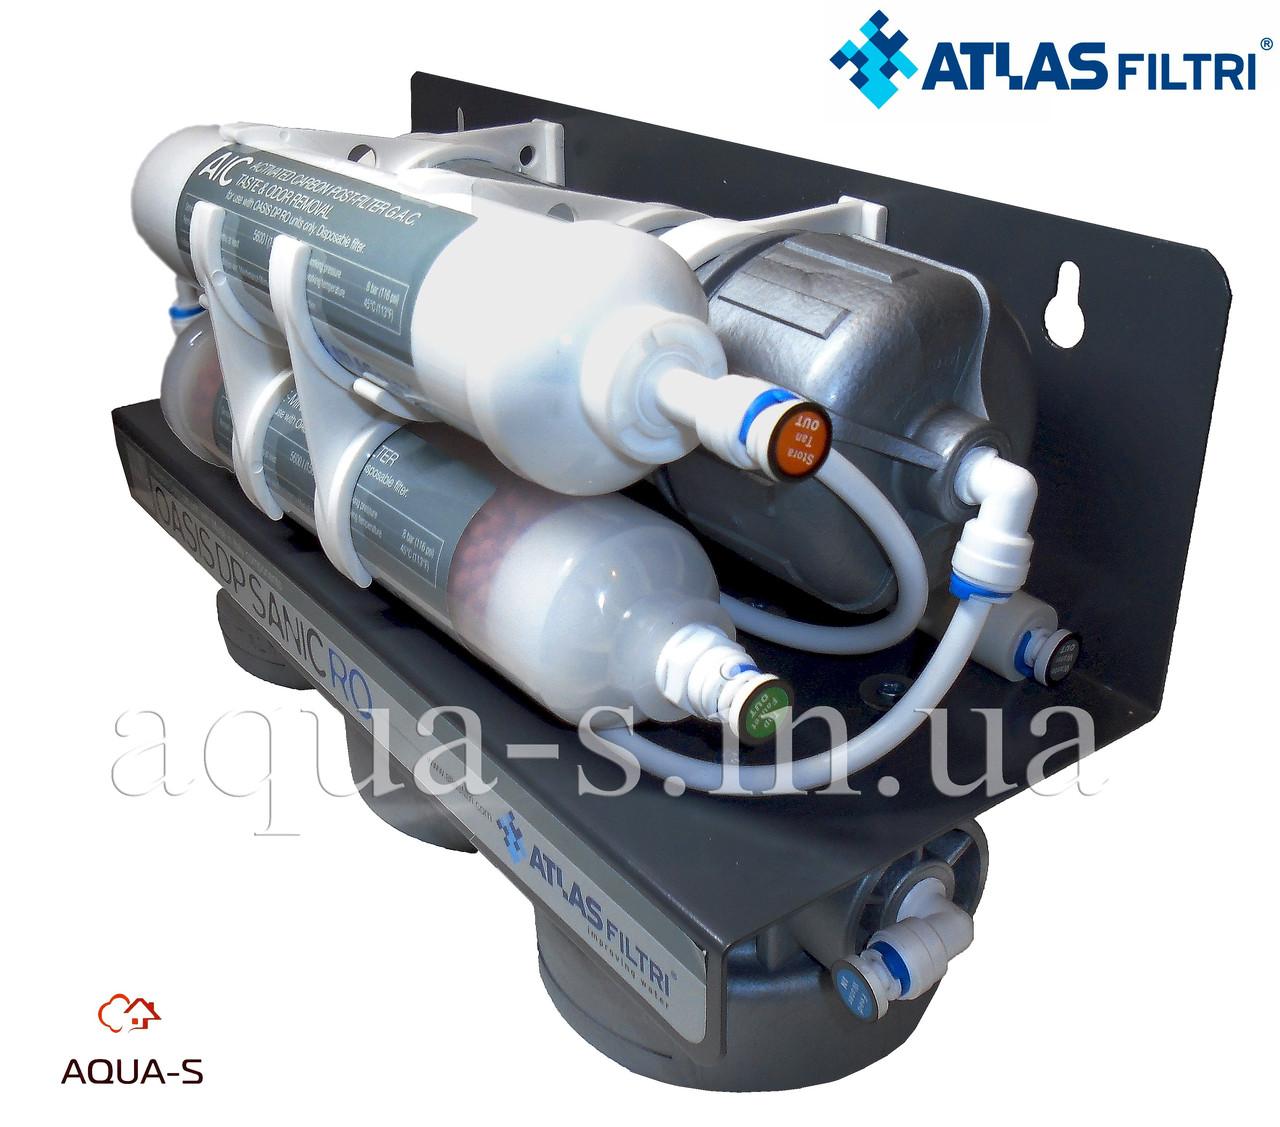 Система обратного осмоса Atlas Filtri OASIS DP SANIC STANDARD антибактериальная (SE6075310)